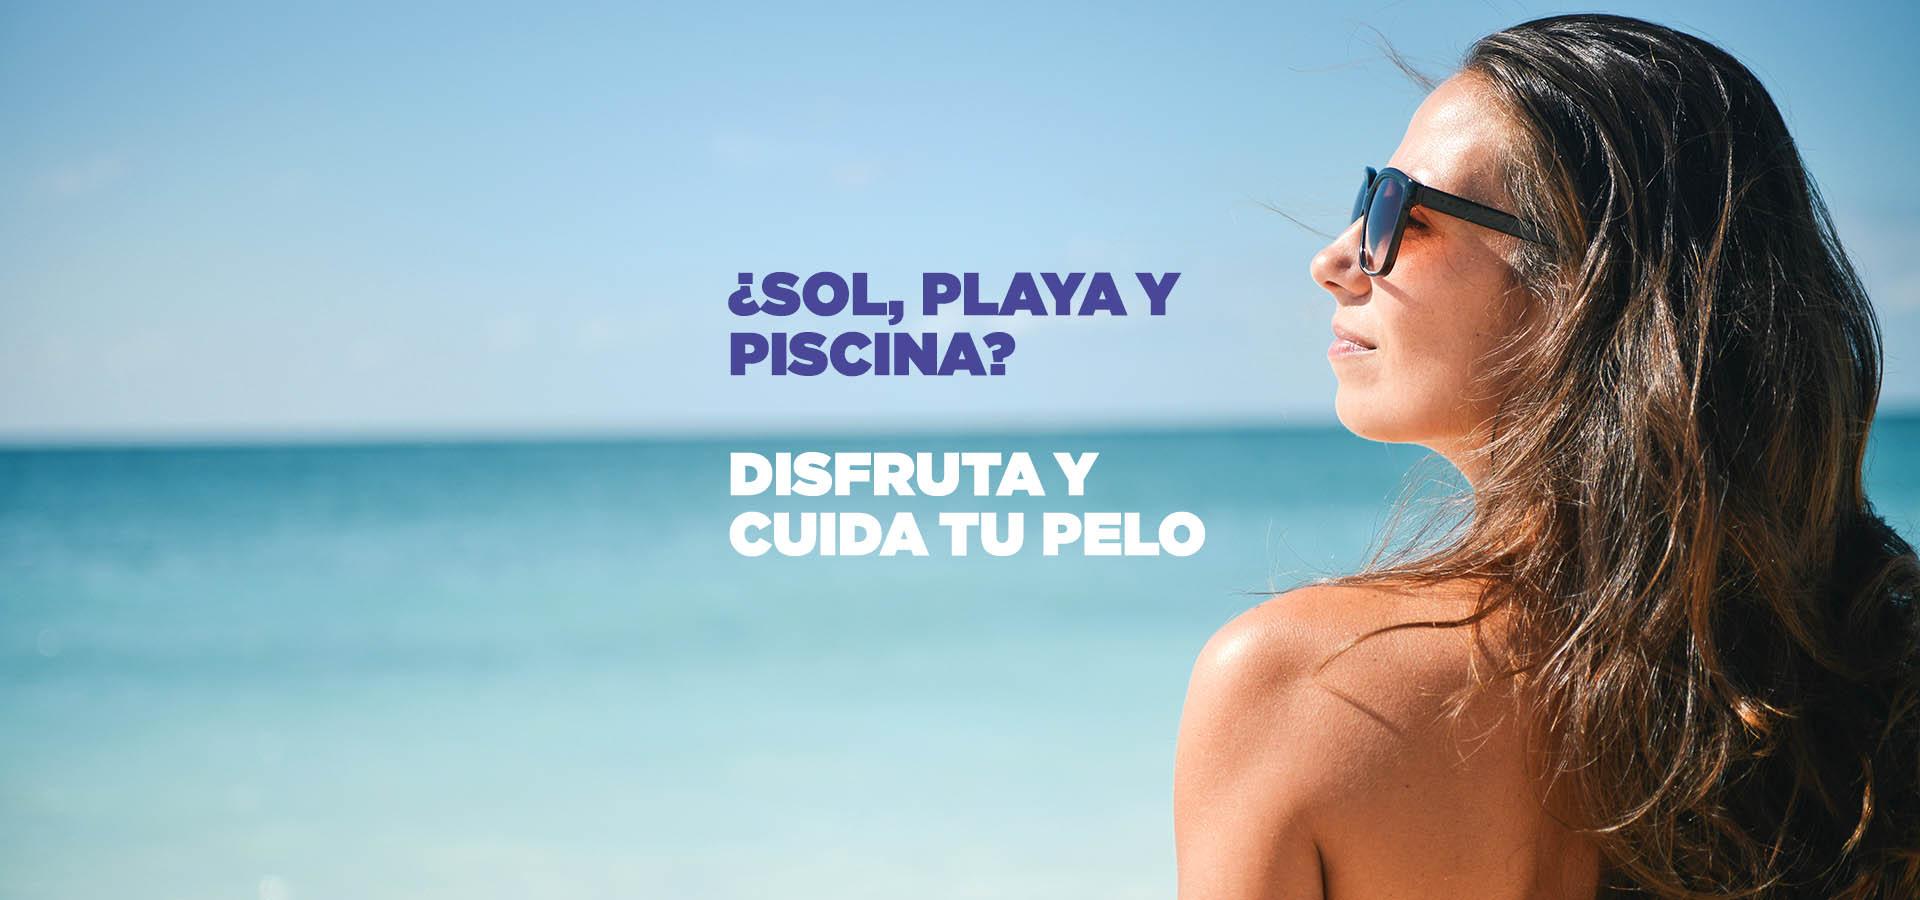 Sol, playa y piscina - Disfruta y cuida tu pelo